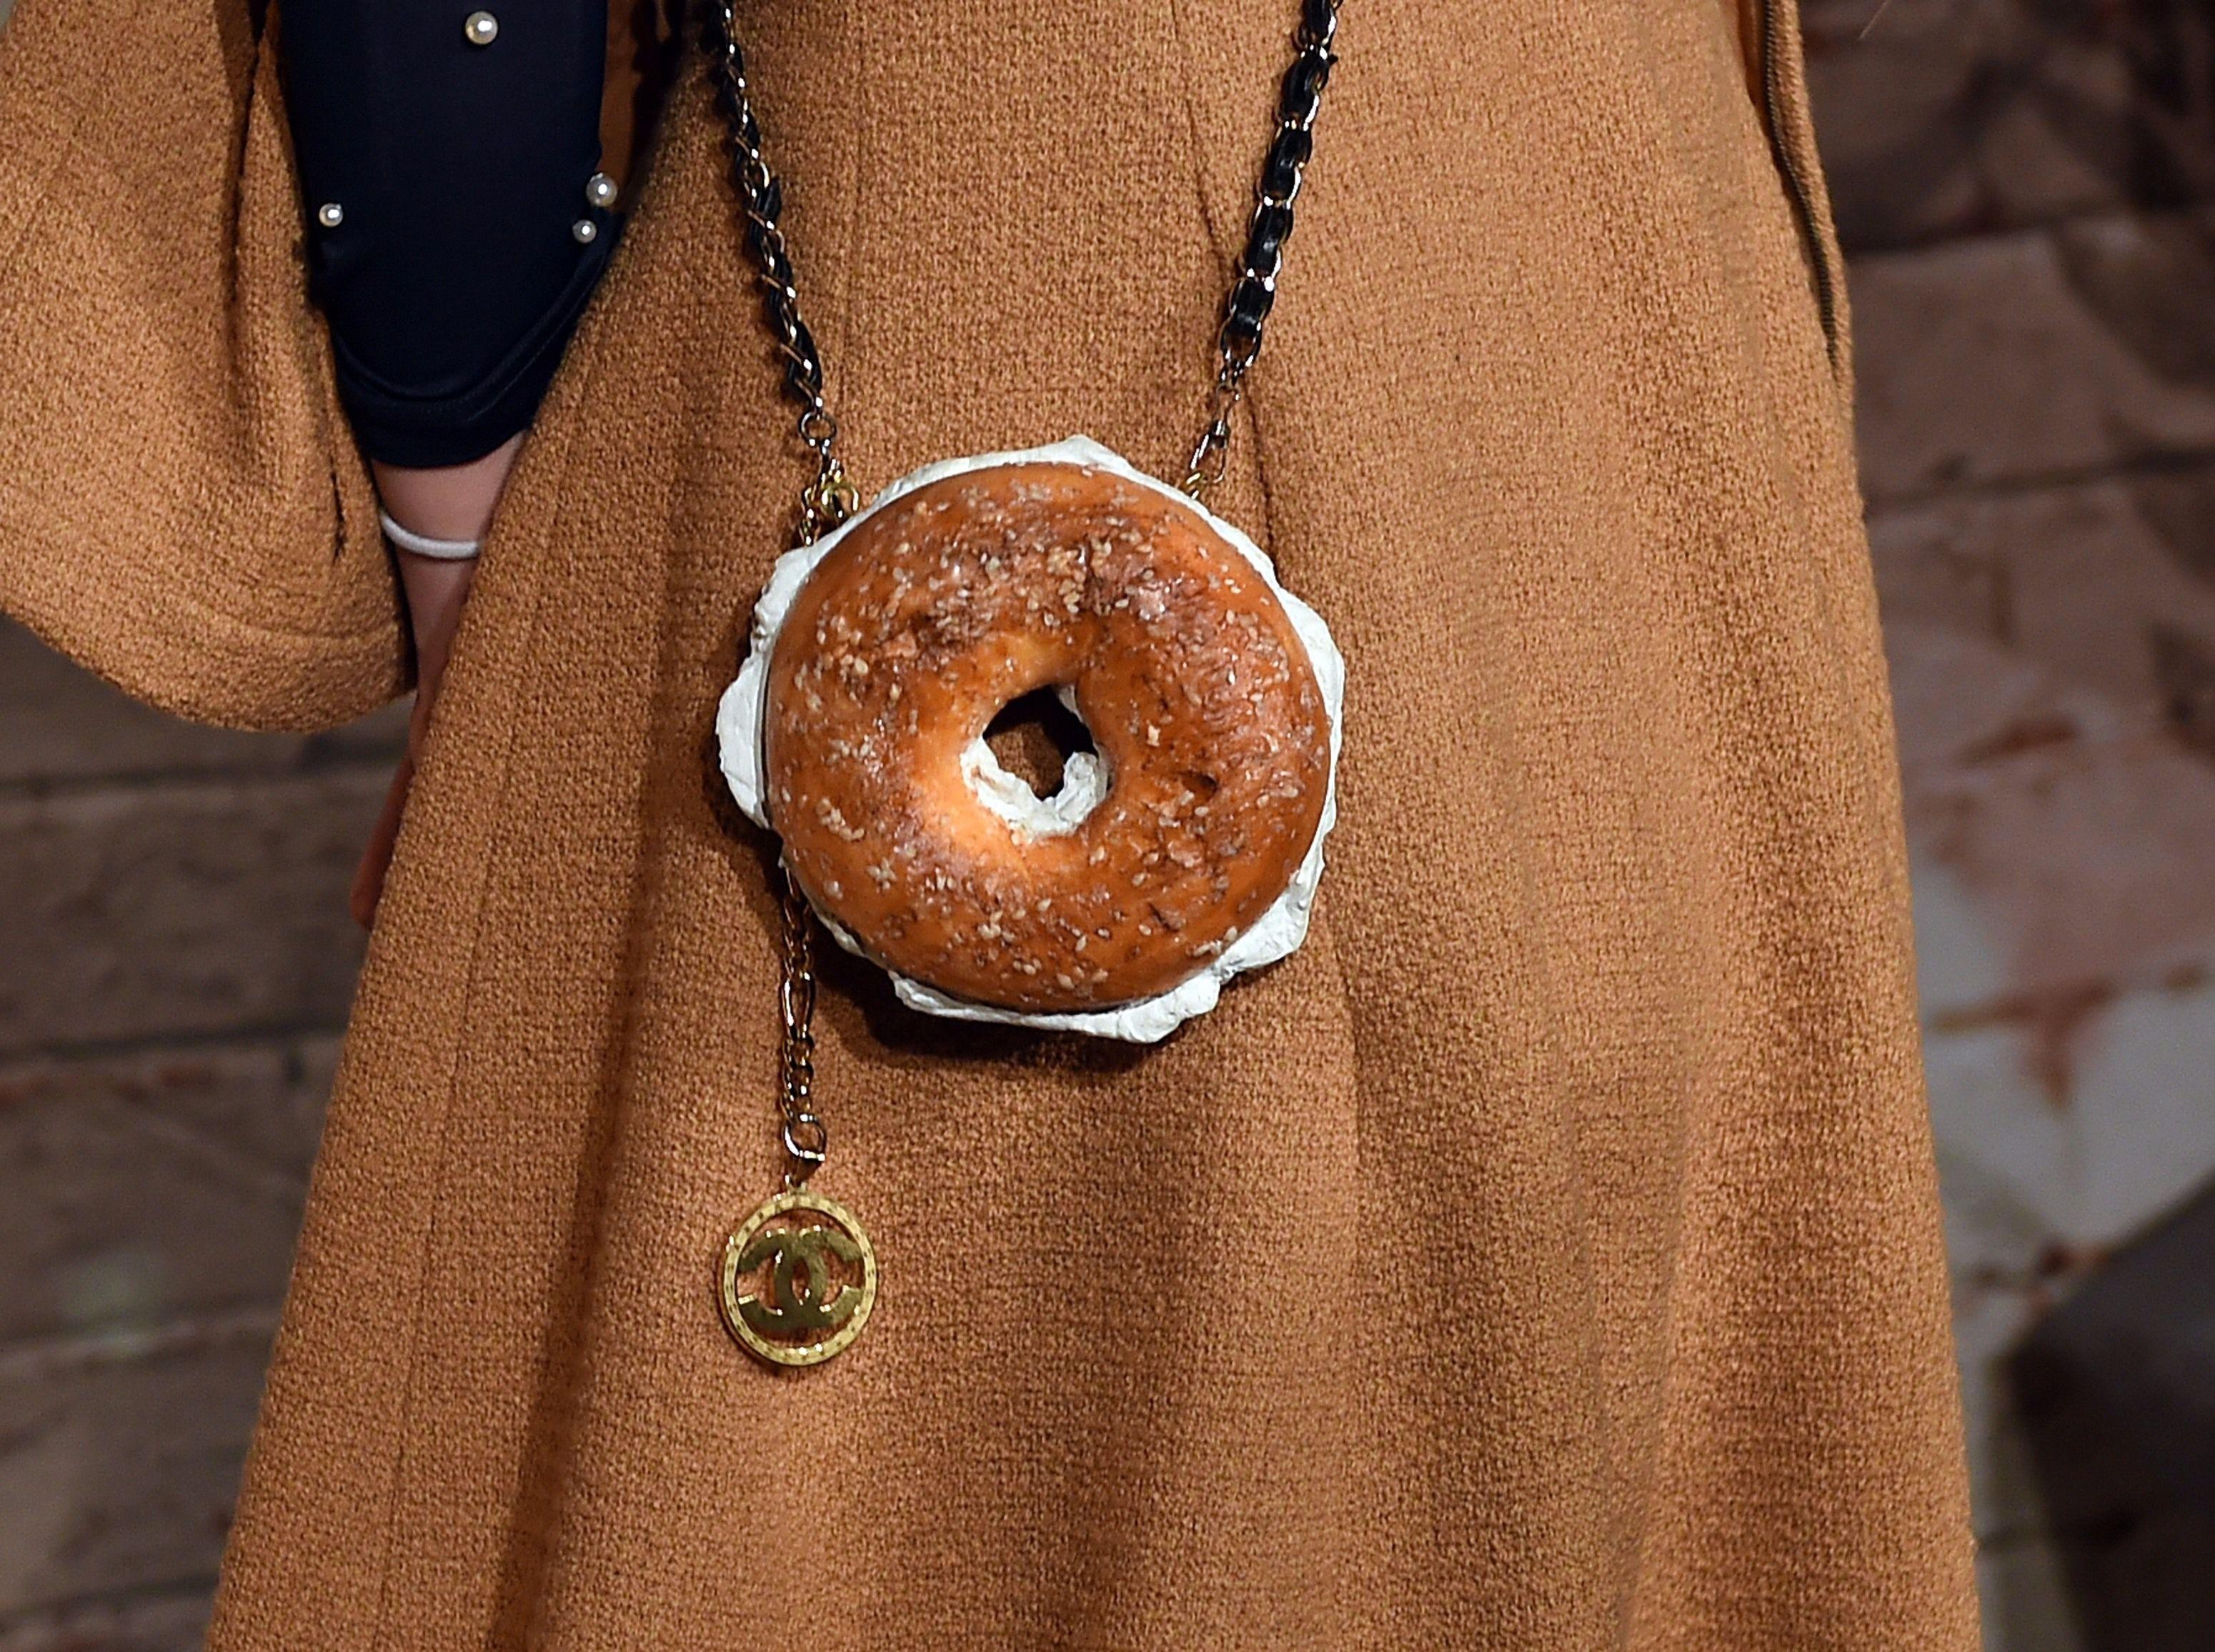 India Menuez's Chanel bagel purse.